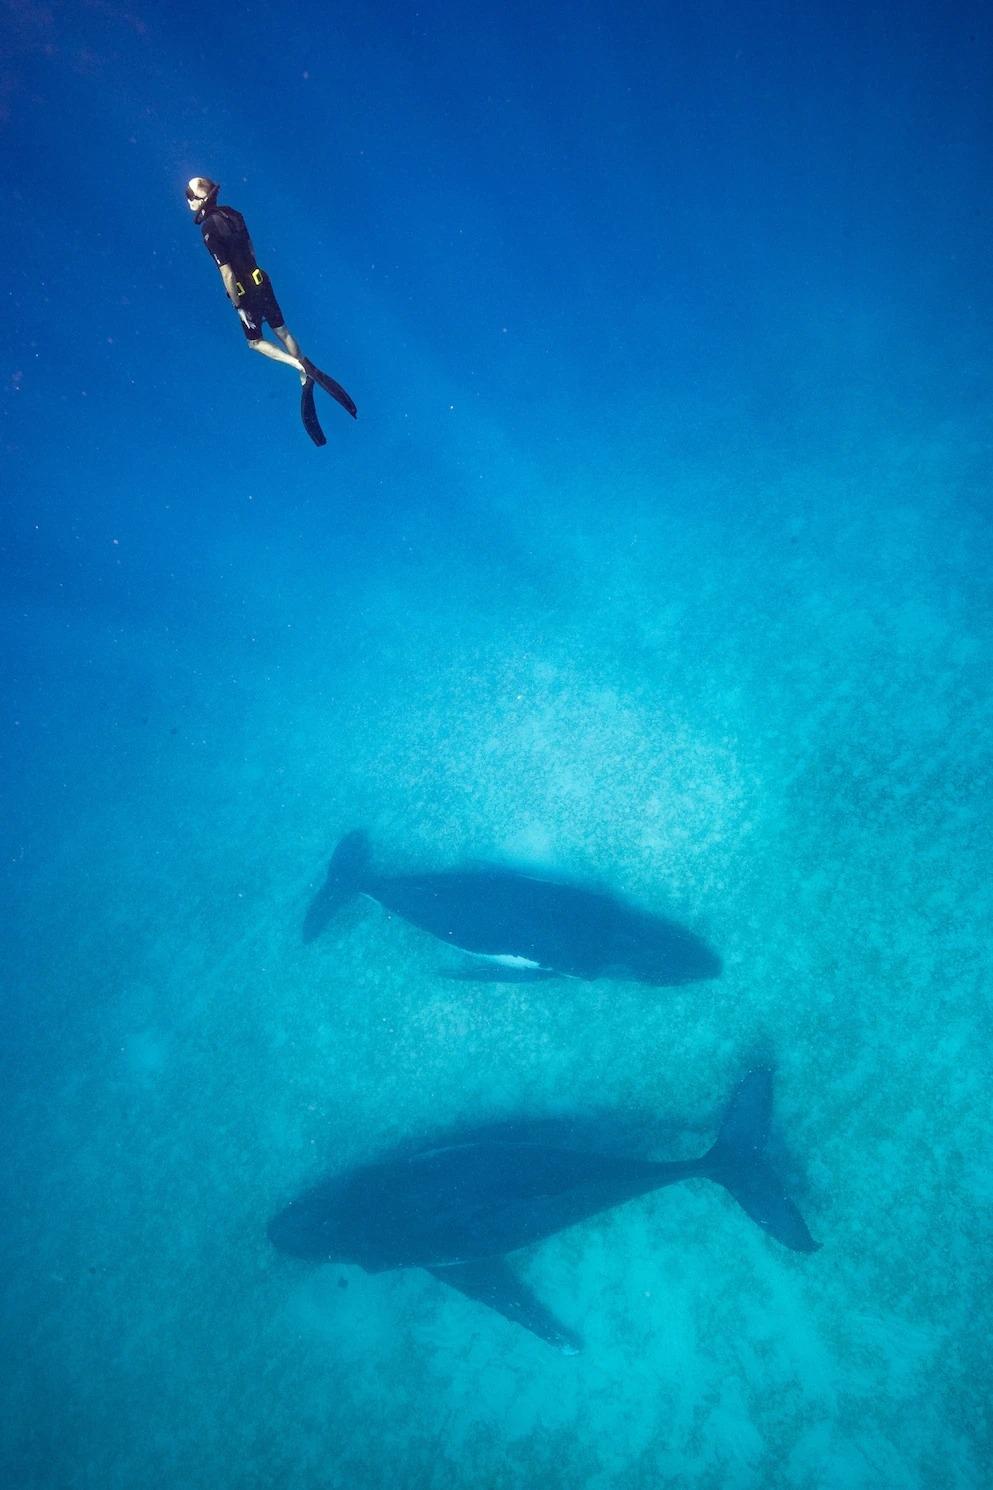 史蓋瑞在東加外海自由潛水來拍攝座頭鯨之後往上游。為了這項計畫,他必須捨棄水肺潛水裝備,並為長時間水下活動做準備。水肺潛水裝備可能會產生氣泡和噪音,因而嚇退鯨魚。他在瓦爾登湖練習自由潛水,那裡位於他在麻薩諸塞州的家附近。PHOTOGRAPH BY STEVE DE NEEF